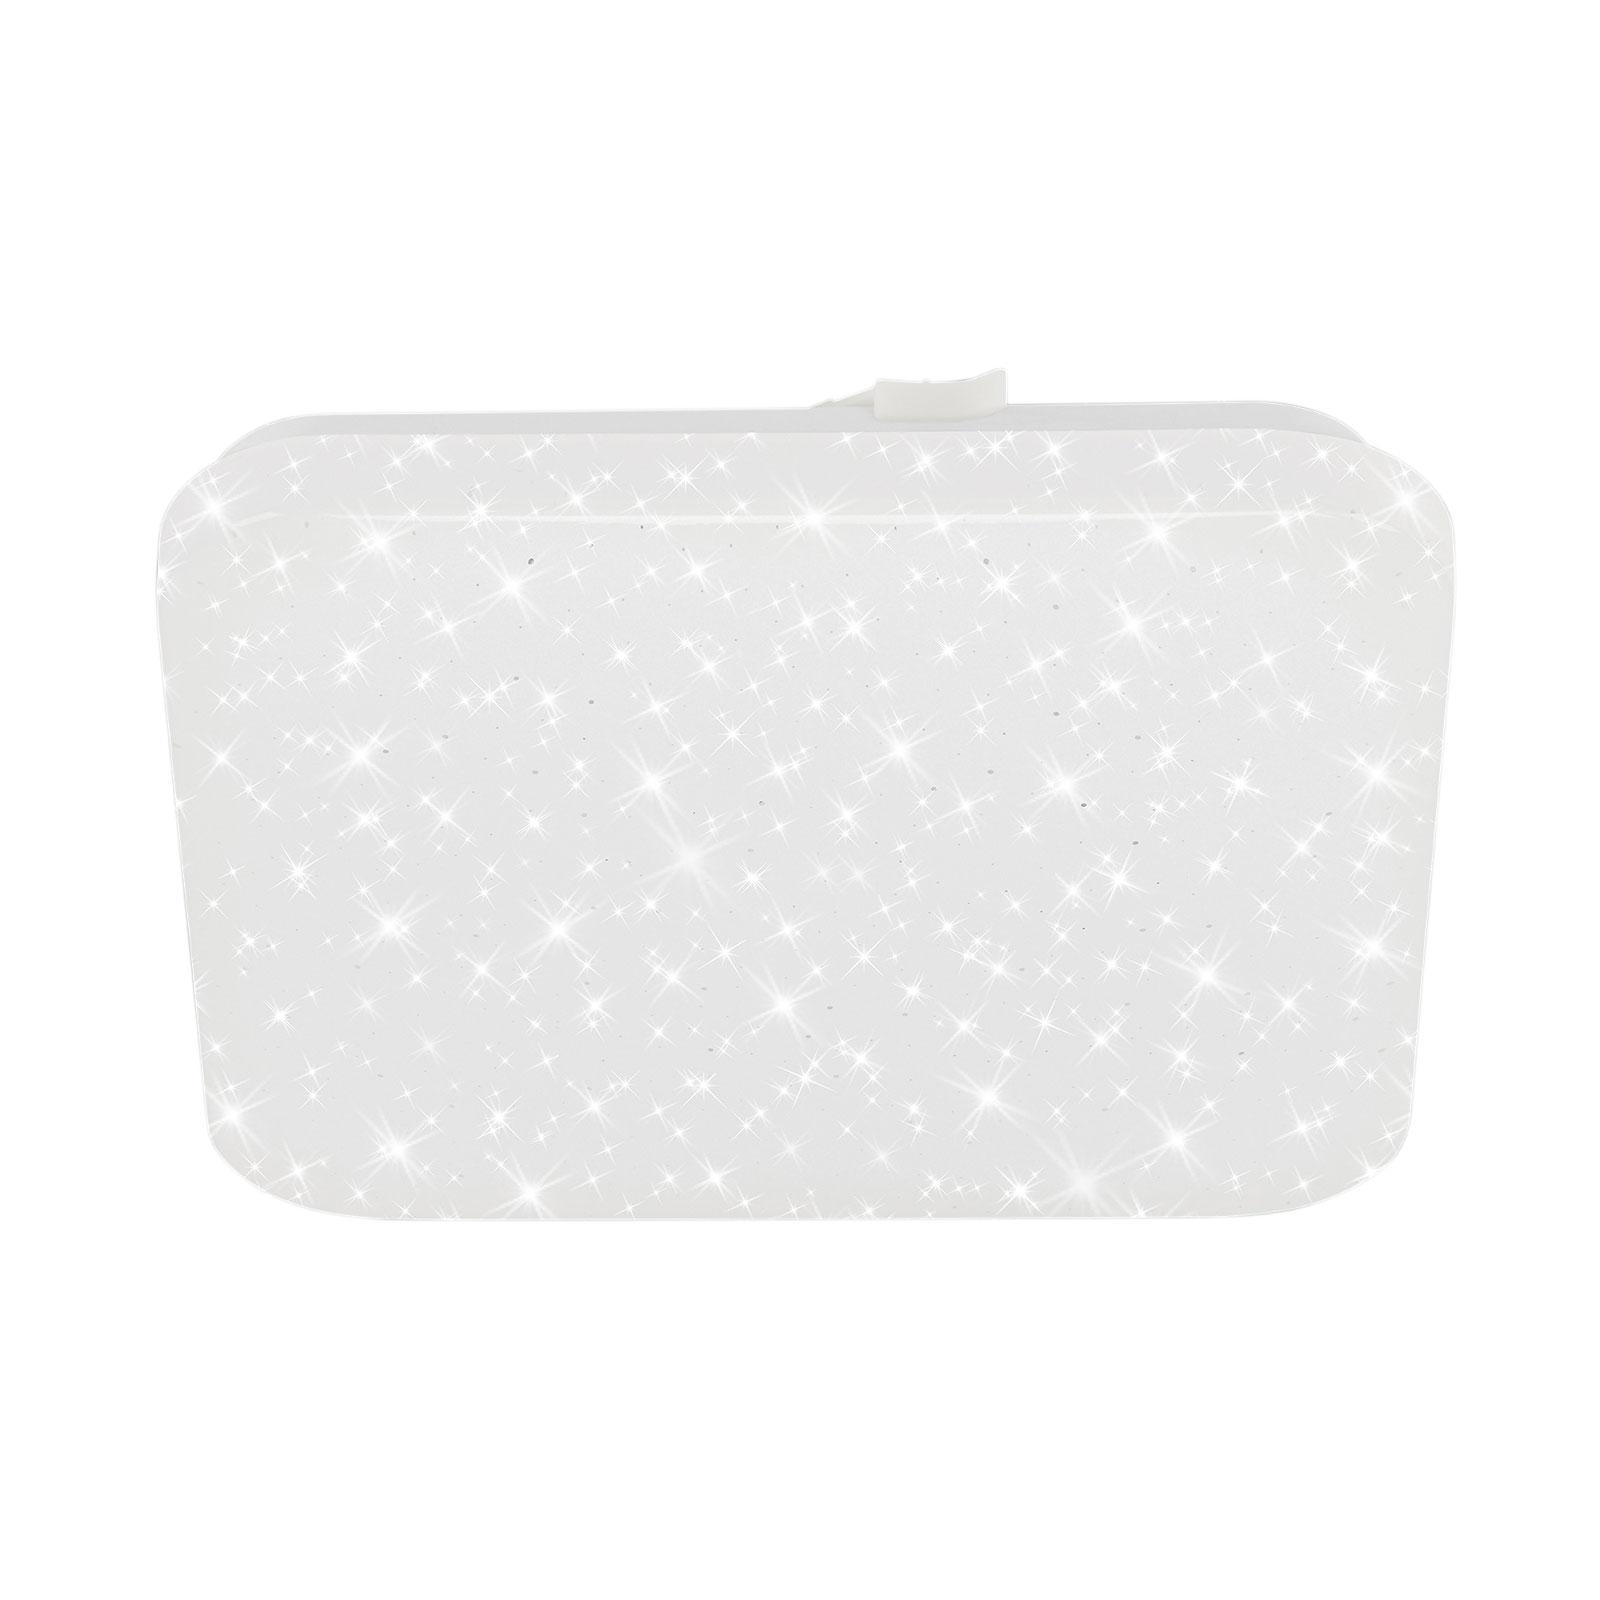 LED-Deckenleuchte 3389 mit Sternenhimmel-Effekt